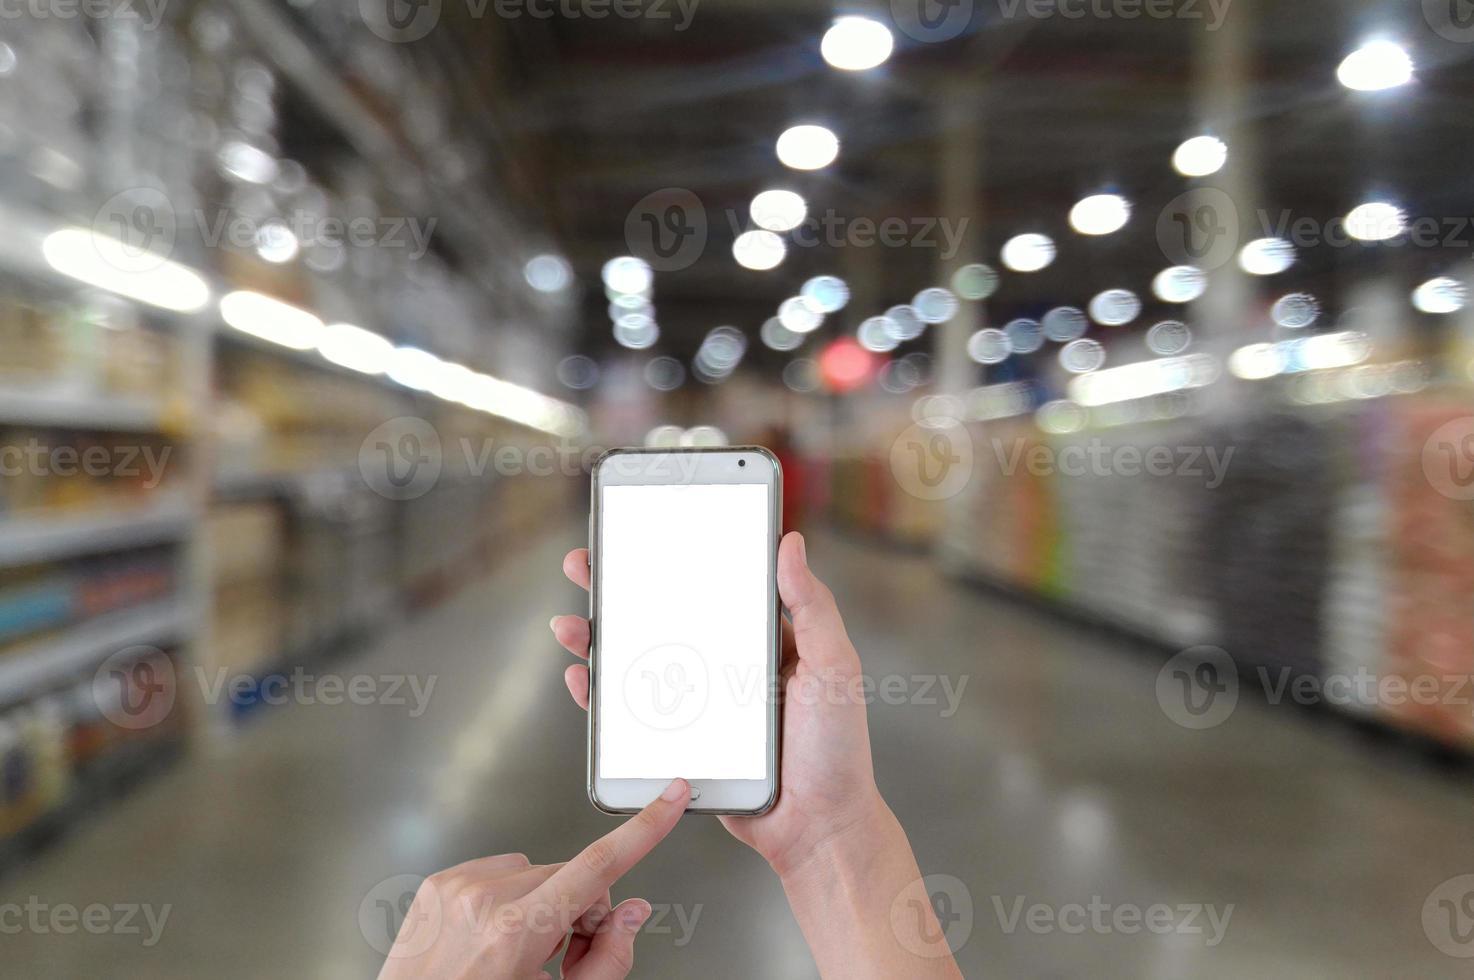 handen met behulp van de mobiele slimme telefoon leeg scherm met onscherpe achtergrond in de supermarkt foto